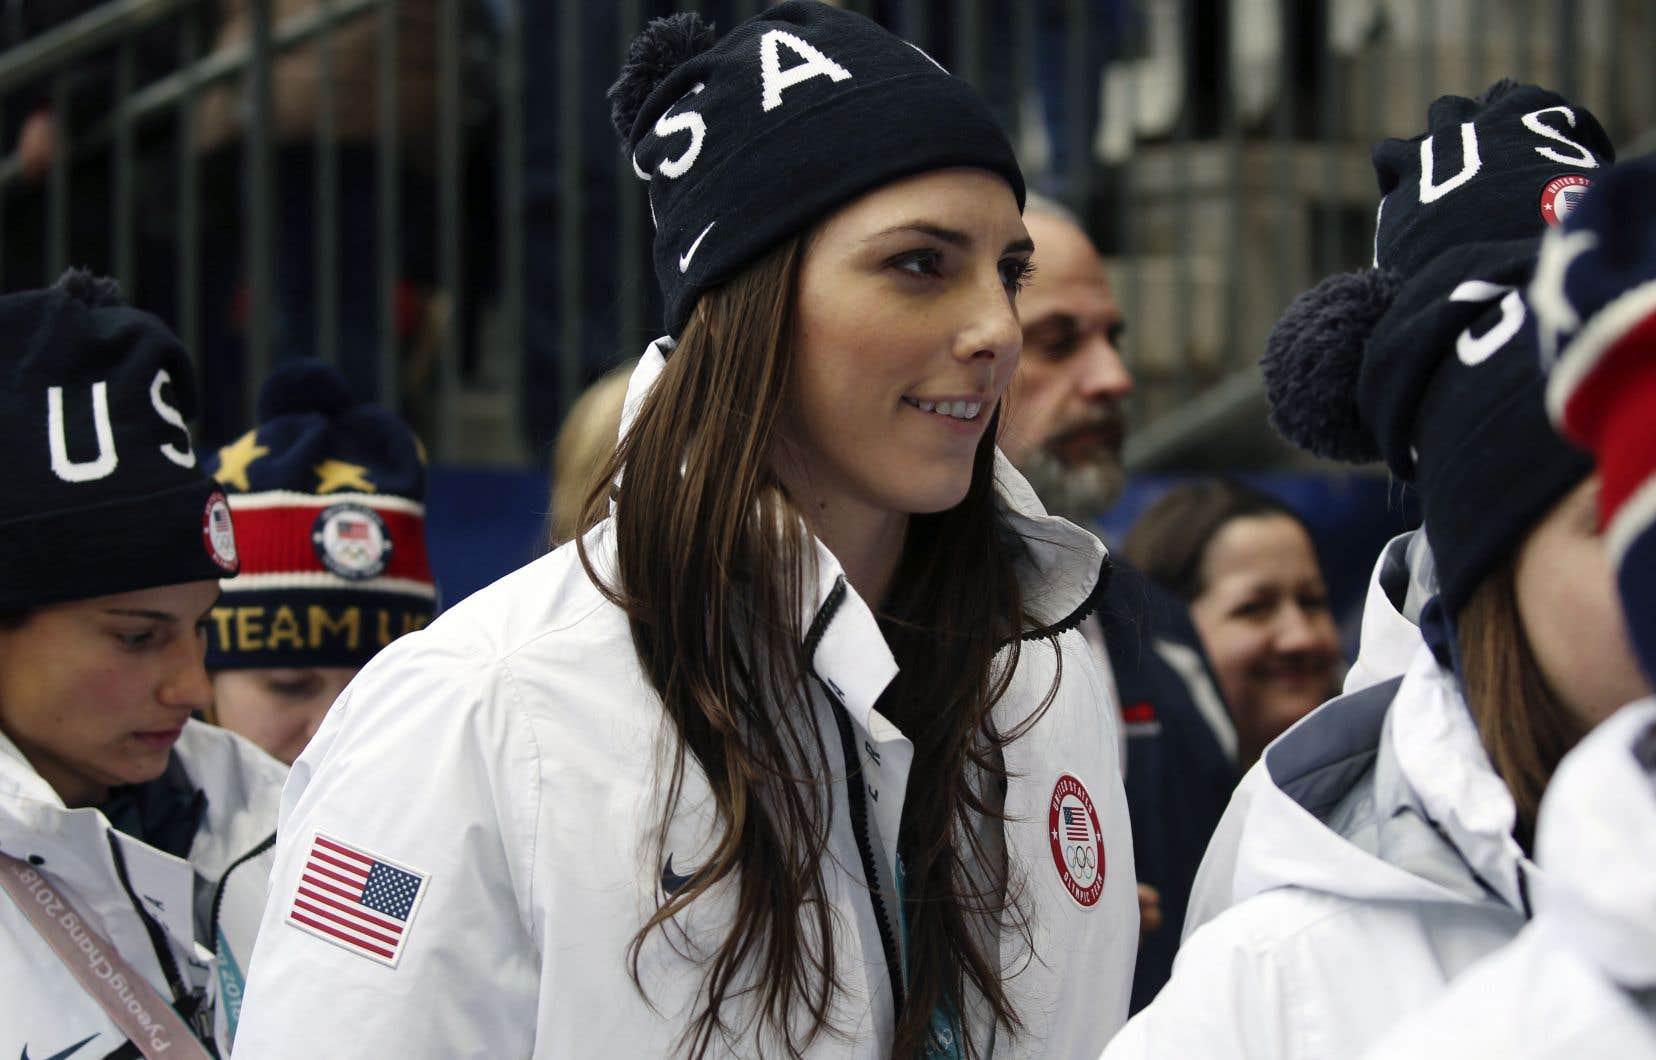 L'Américaine Hilary Knight mène la lutte des joueuses avec sa compatriote Kendall Coyne Schofield et la gardienne canadienne Shannon Szabados.